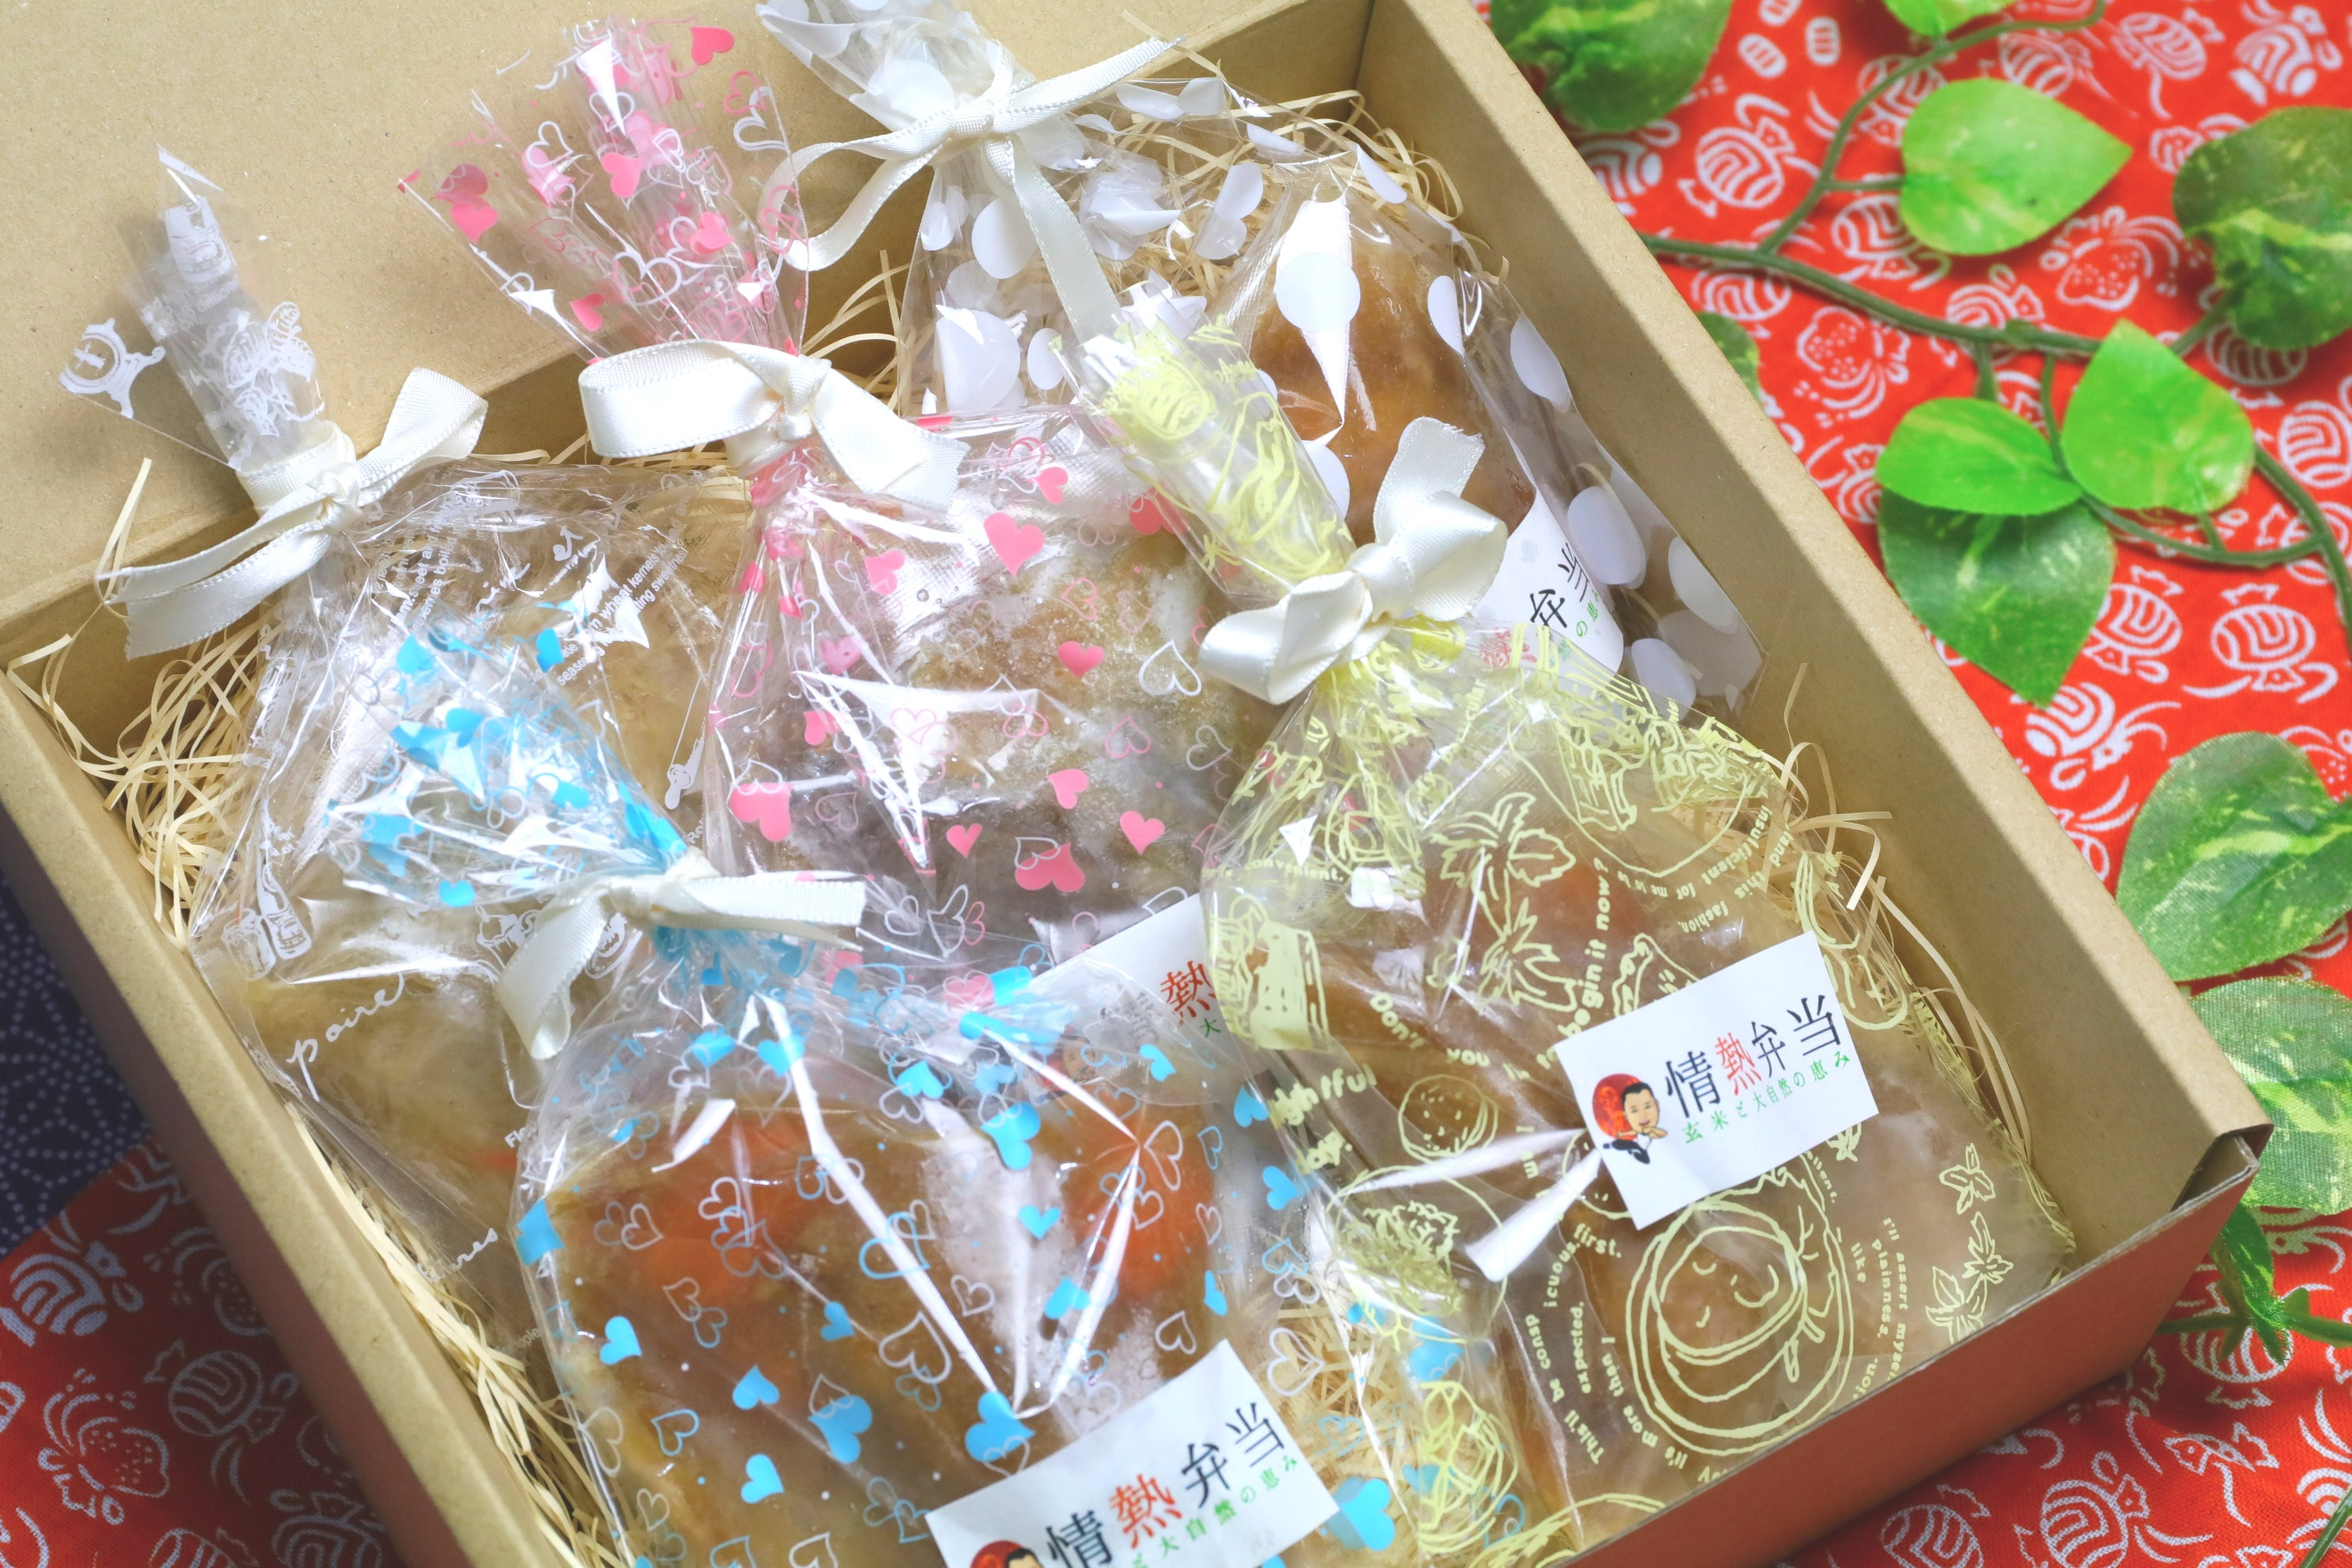 【送料込み】冷凍惣菜人気者ギフトセット